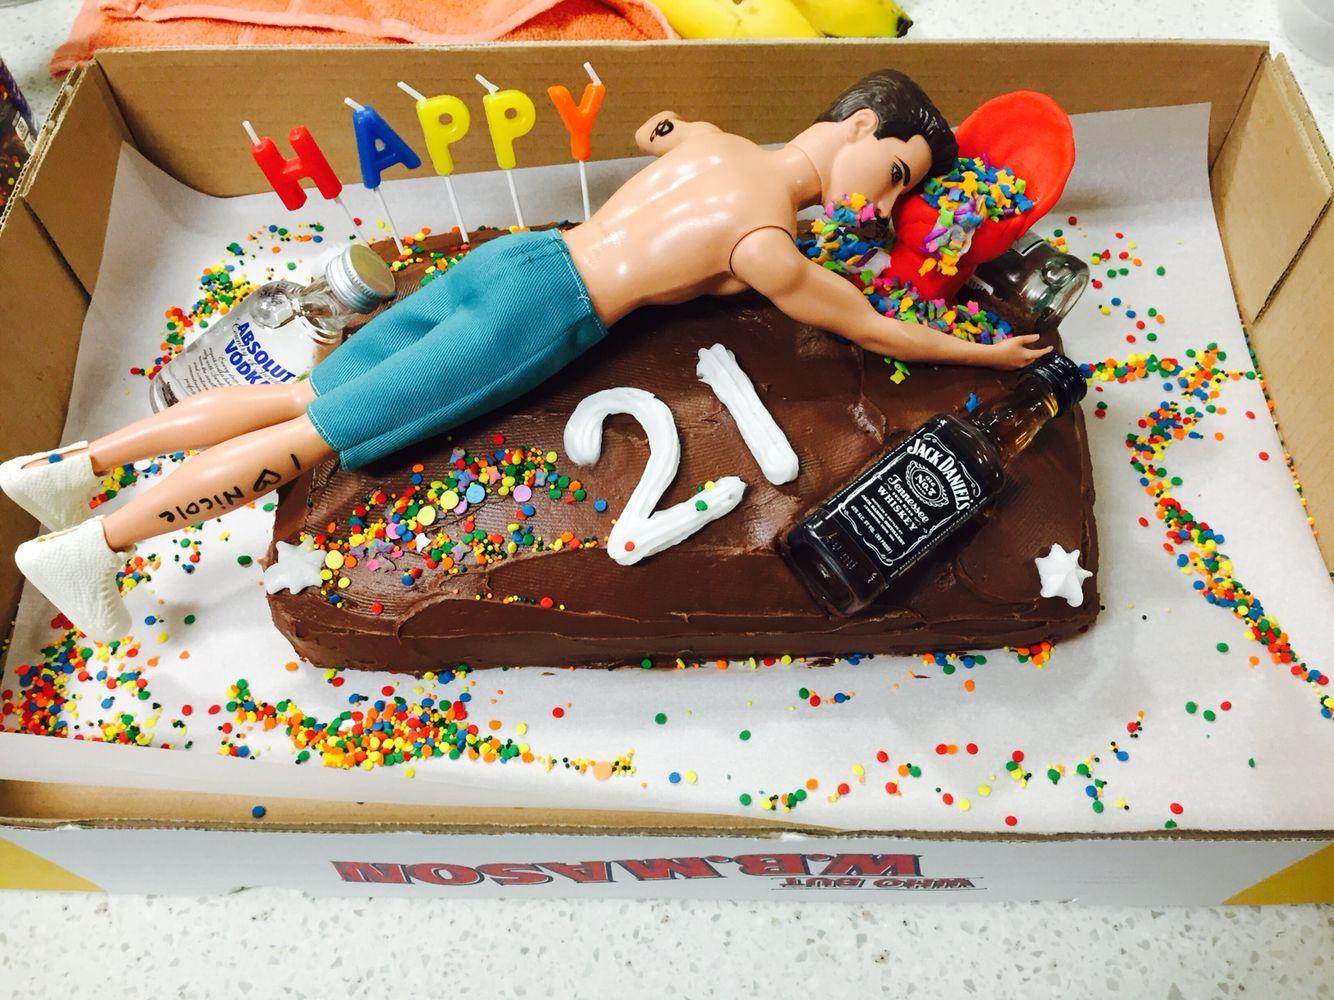 DIY 21 birthday cake 21st birthday cake for guys, Diy